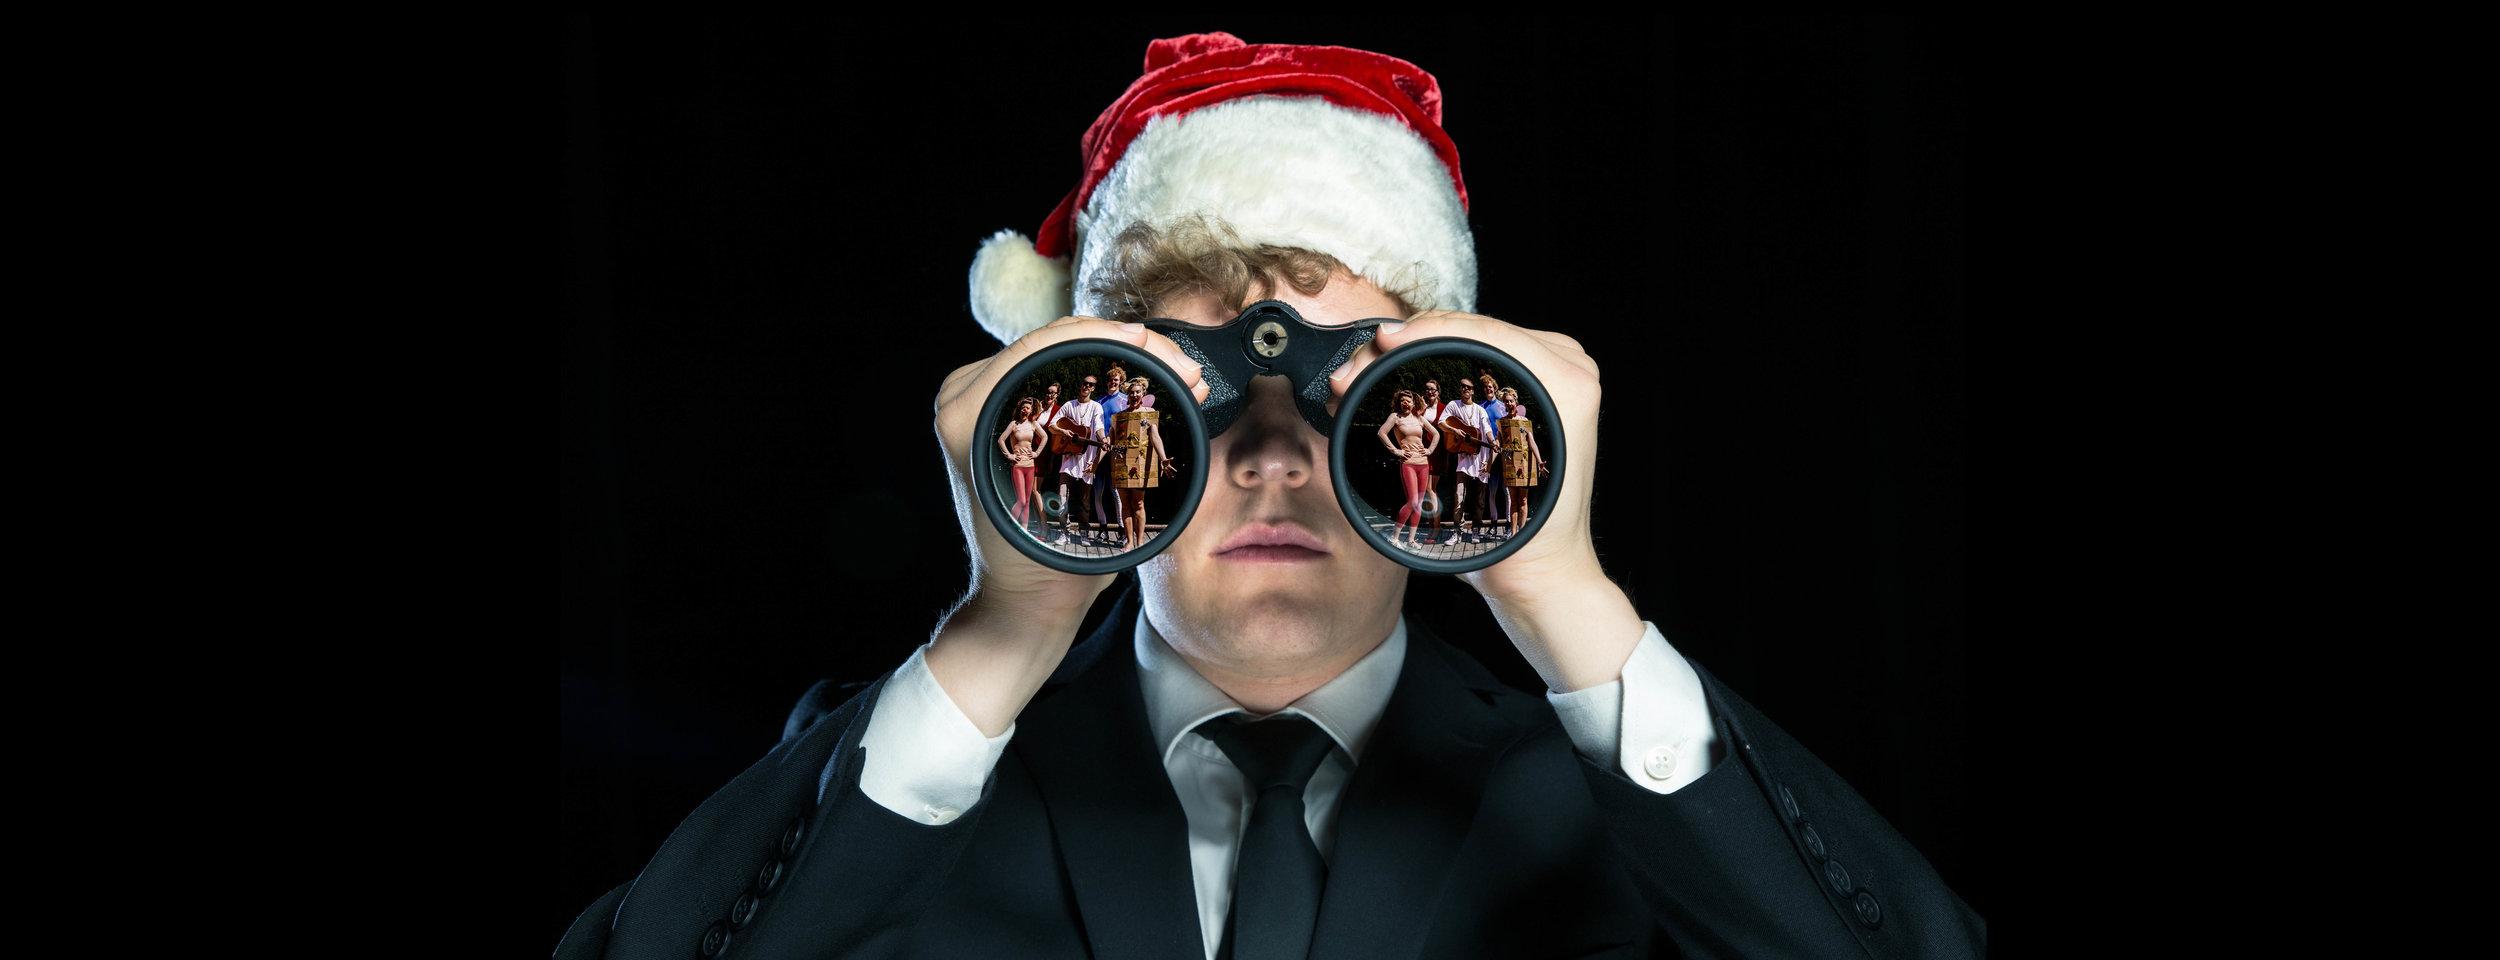 Musiikkiteatteri nyt esittää vain jouluelämää kapsäkki uusi musiikkiteatteri